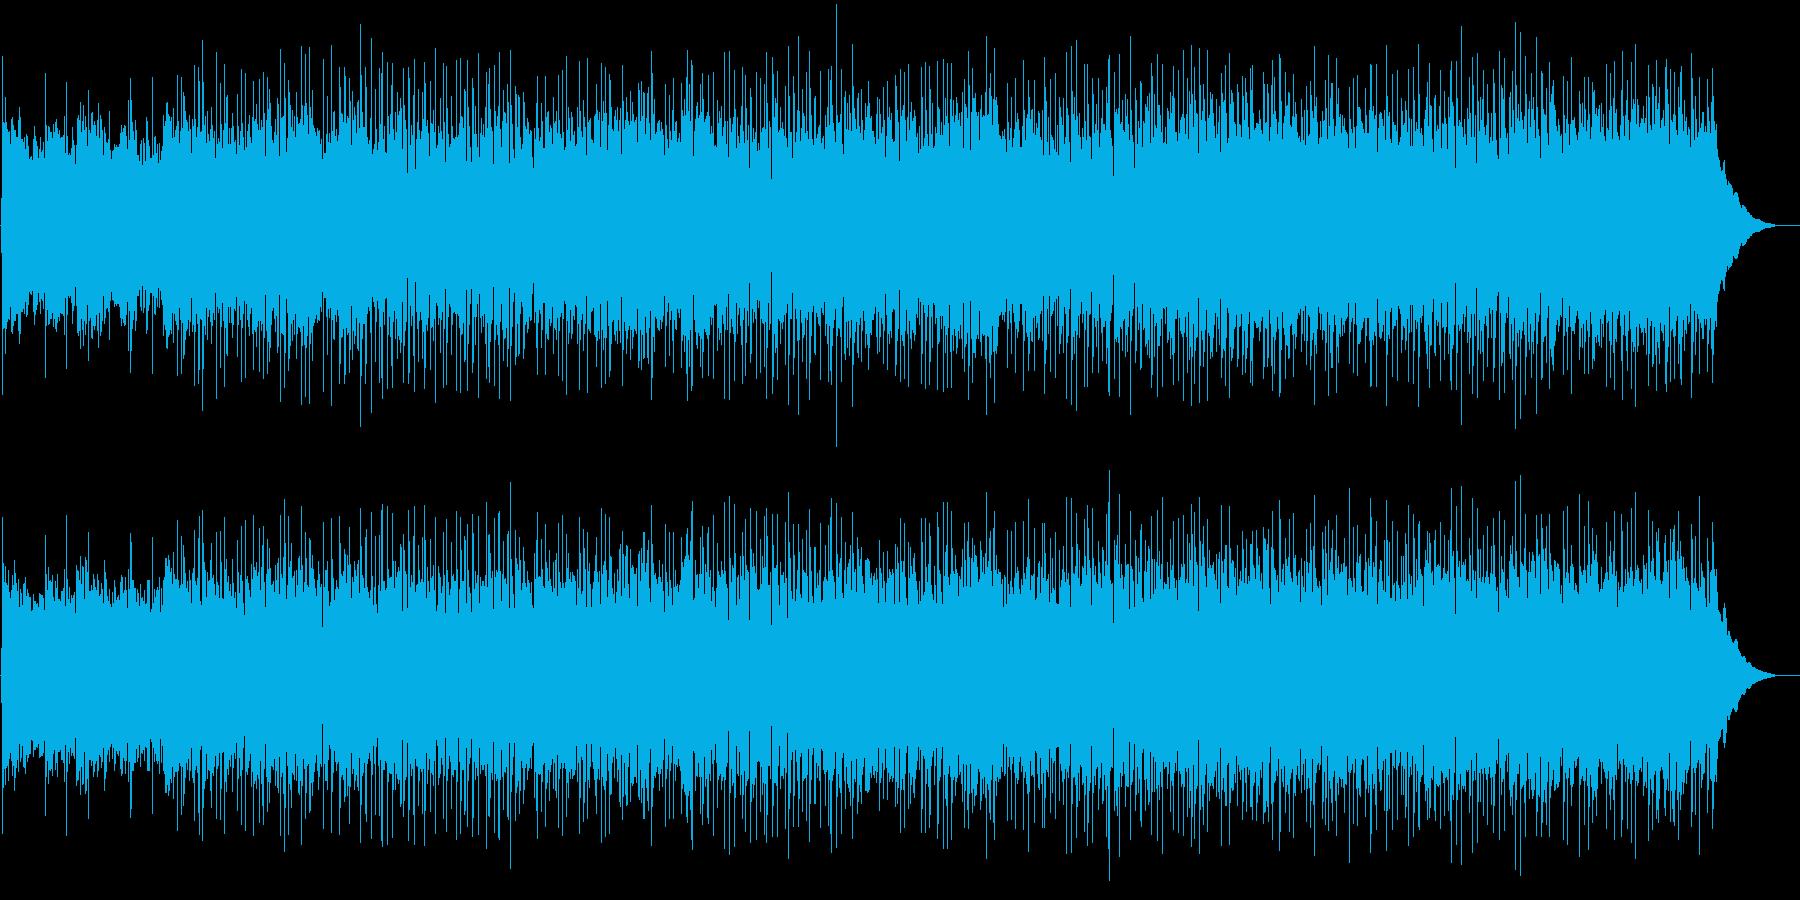 さわやかな雰囲気のBGMの再生済みの波形